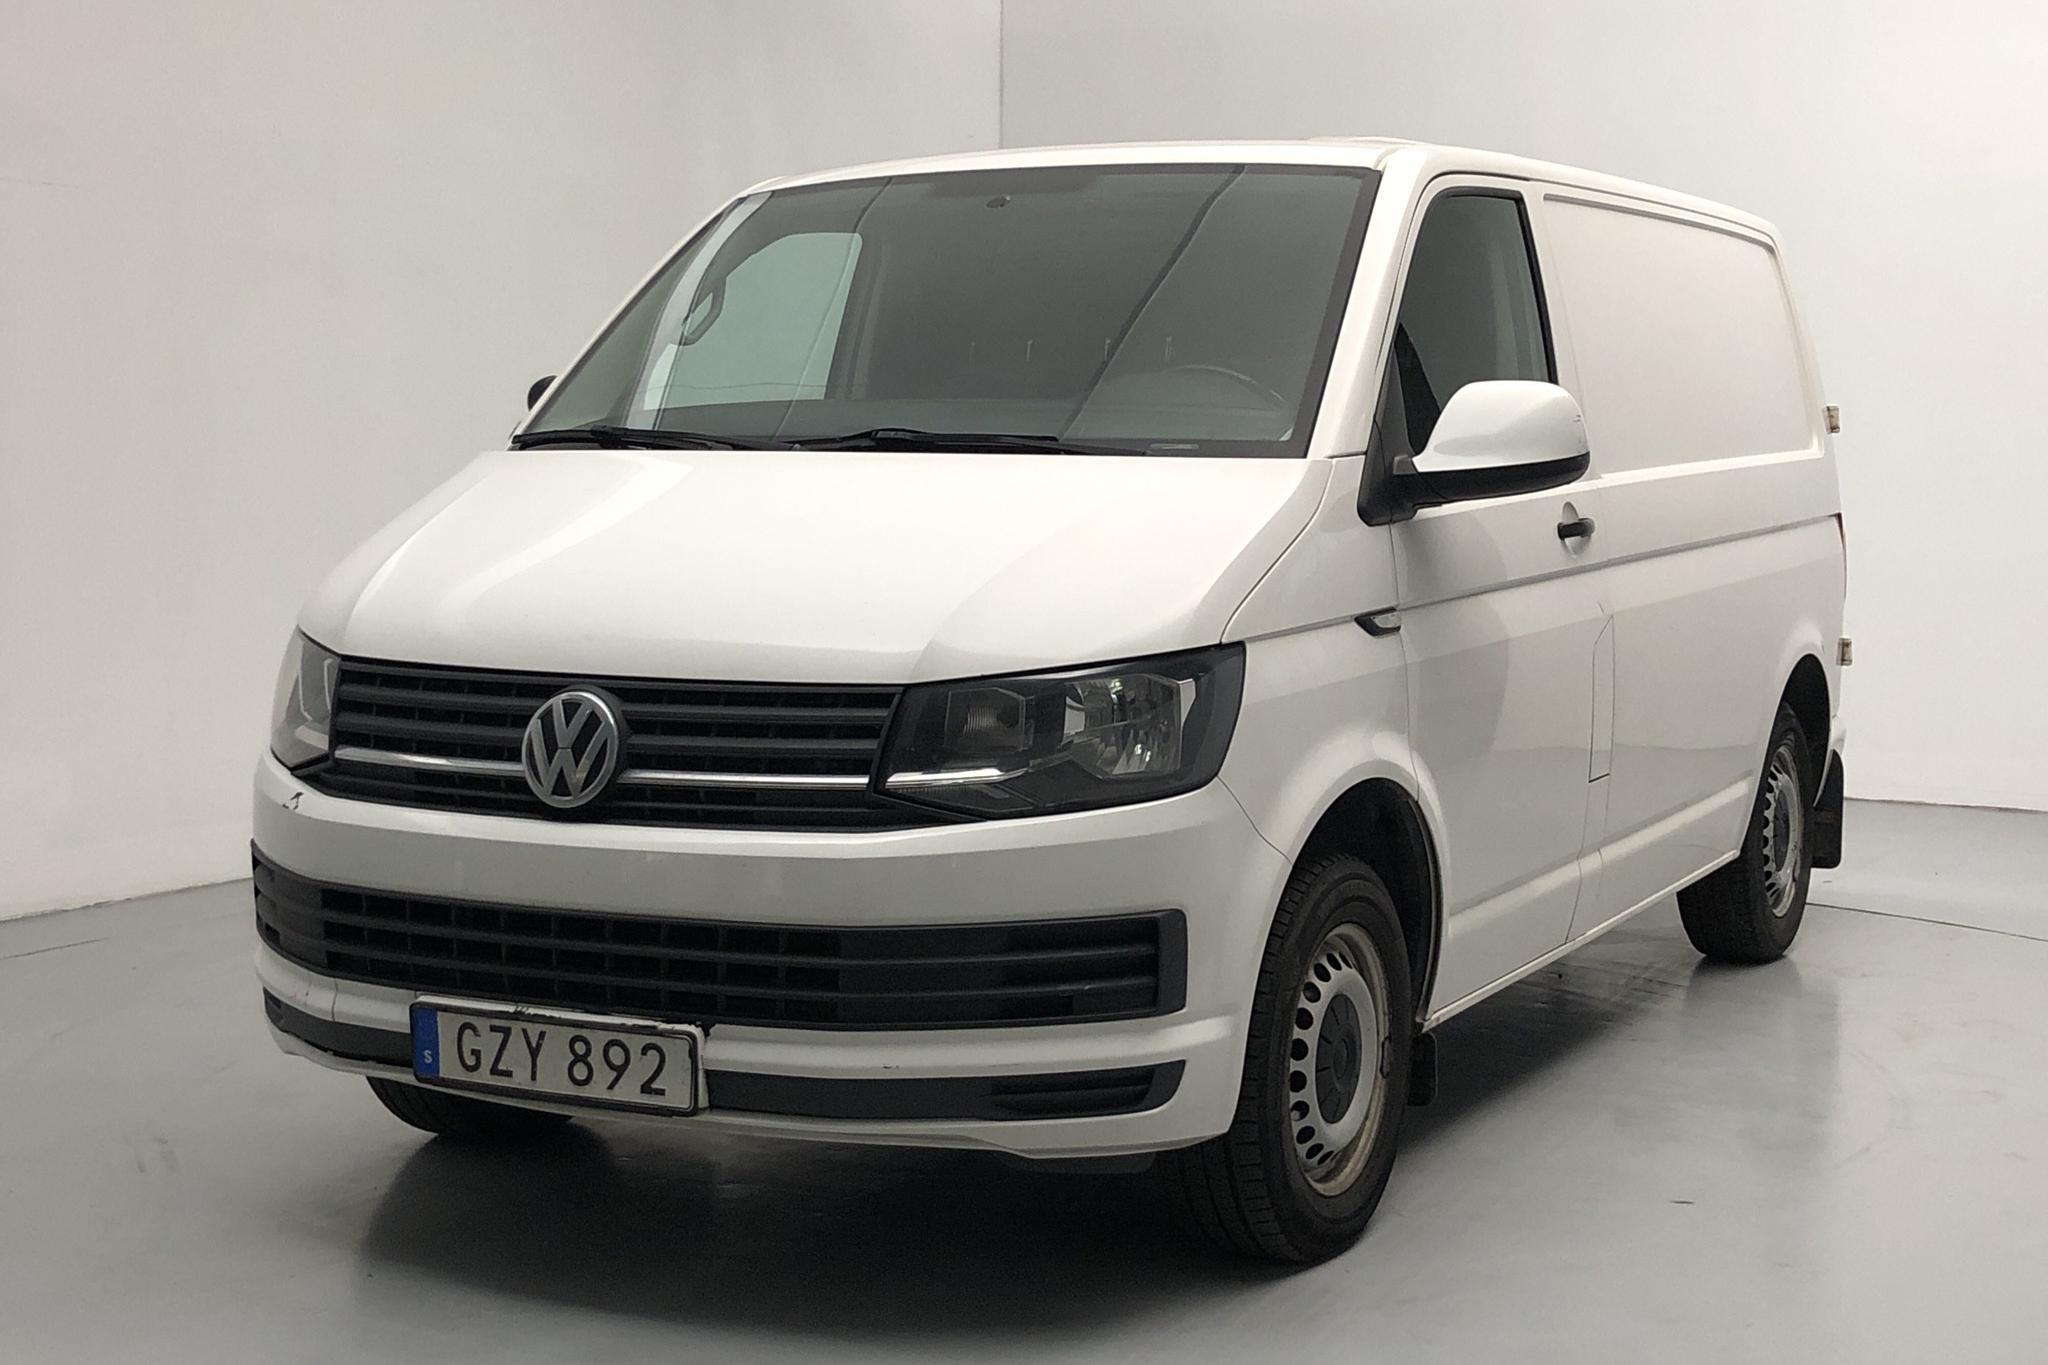 VW Transporter T6 2.0 TDI BMT Skåp (102hk) - 16 950 mil - Manuell - vit - 2016